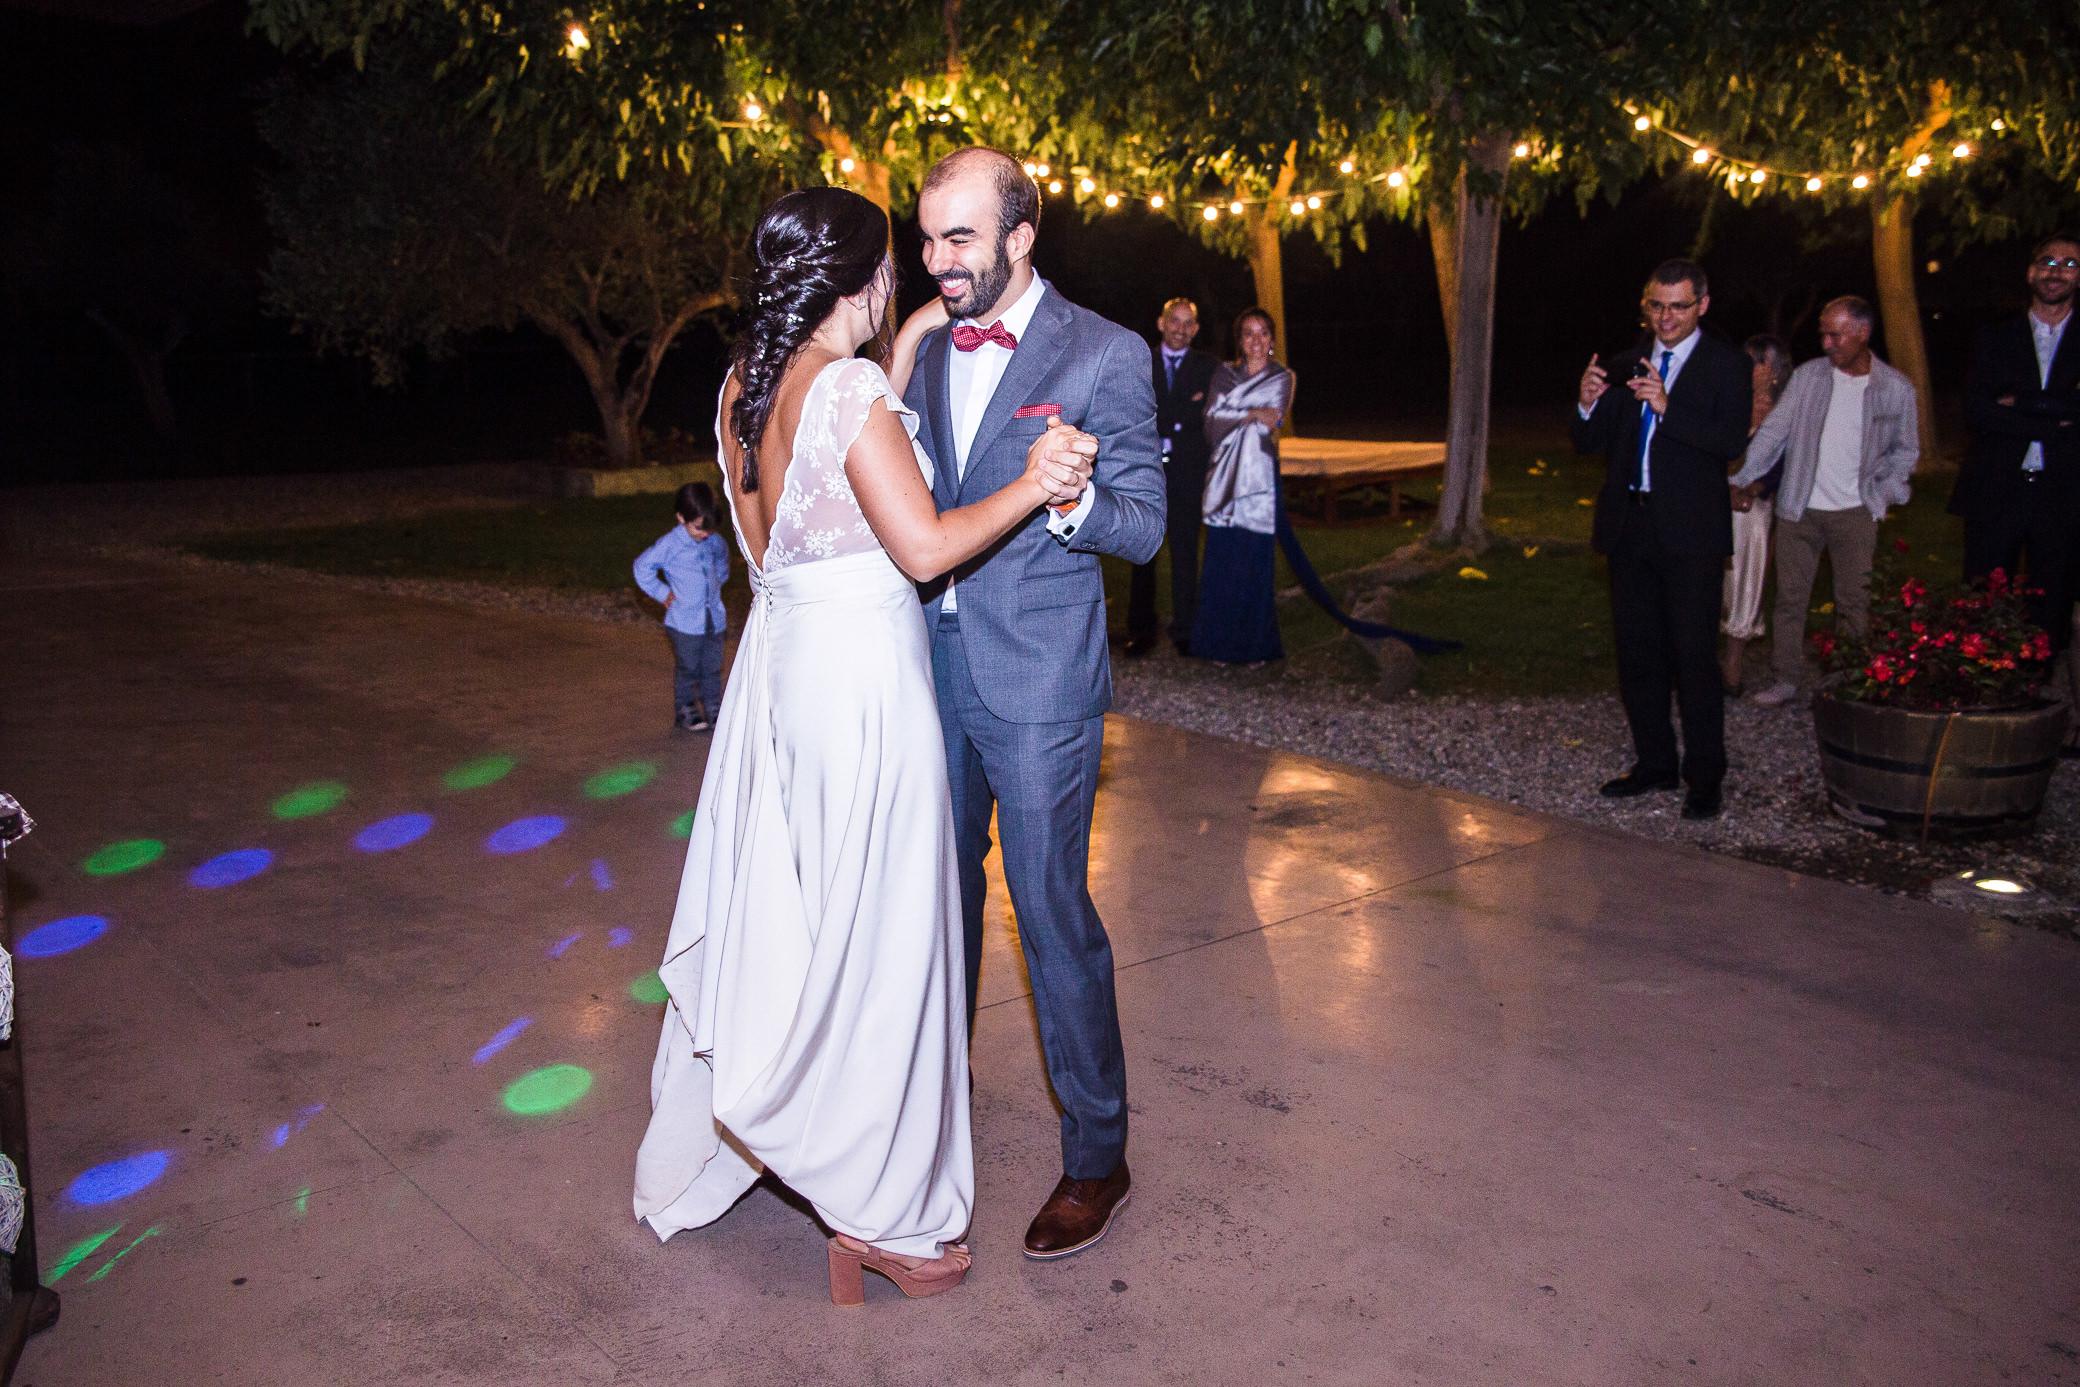 boda-espai-gastronomia-can-macia-photografeel-54.jpg